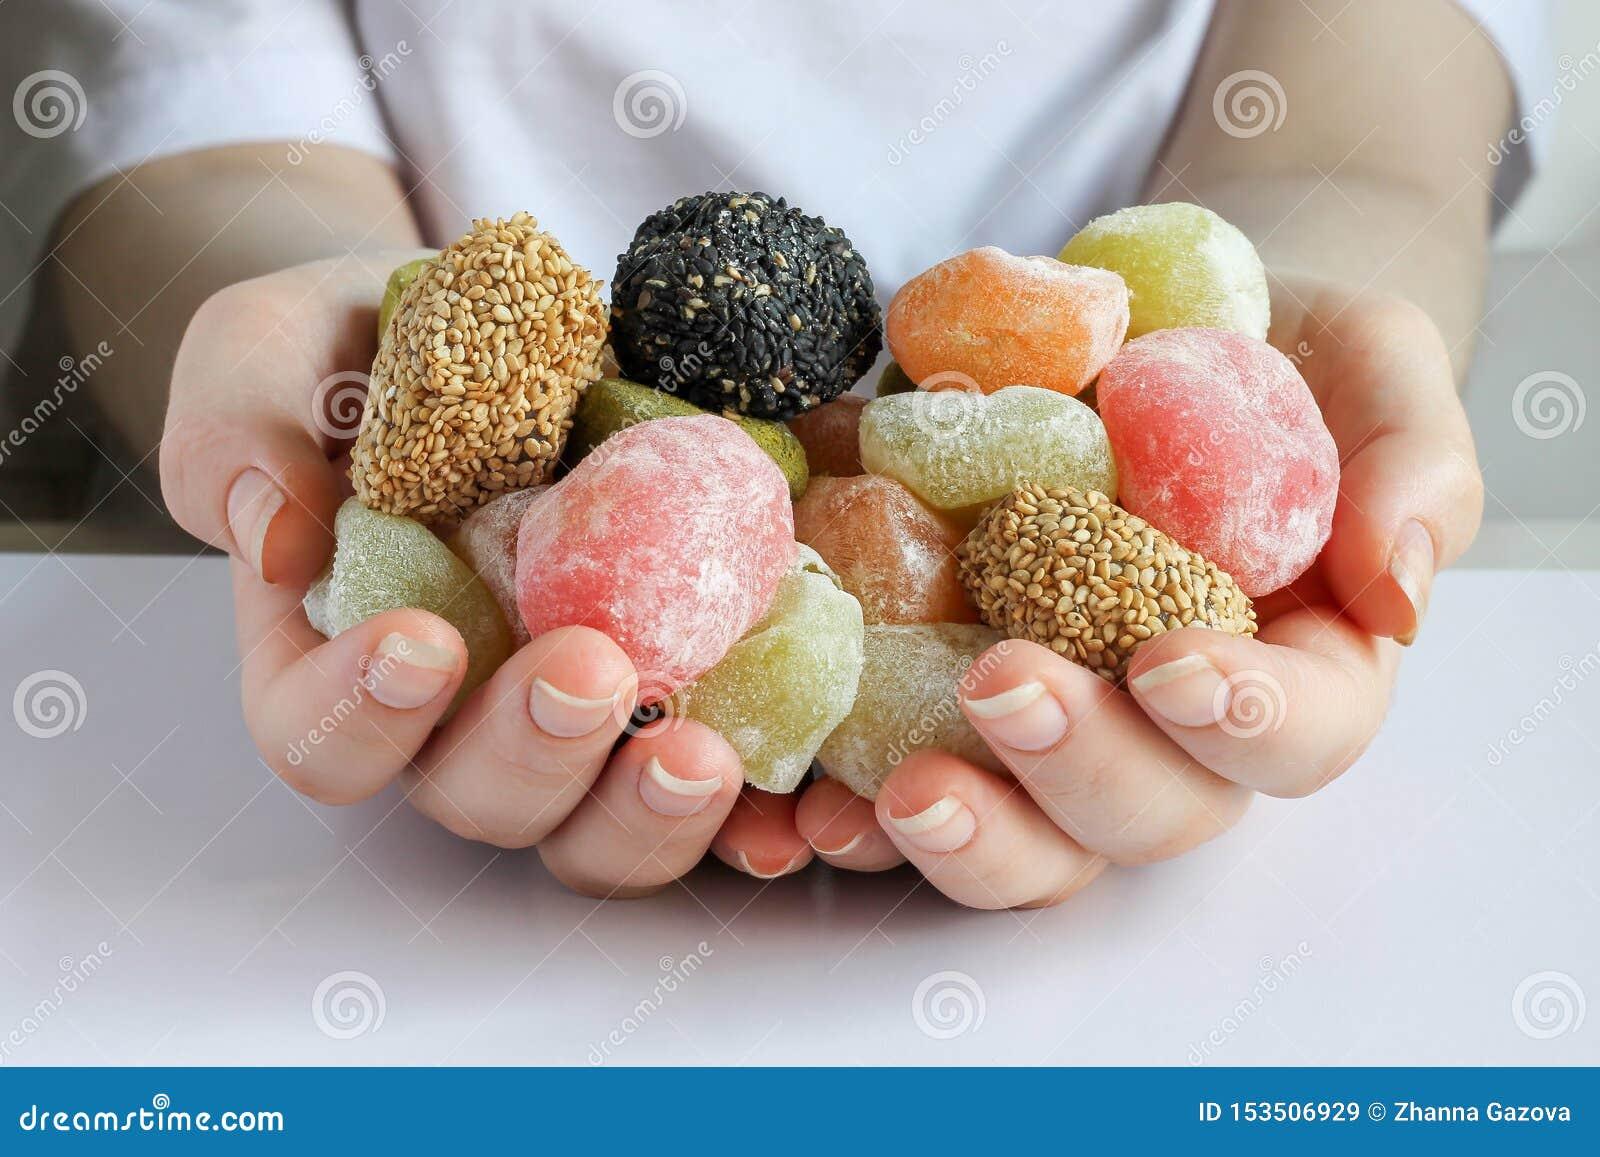 Viele weichen mehrfarbigen Süßigkeiten in zwei Händen